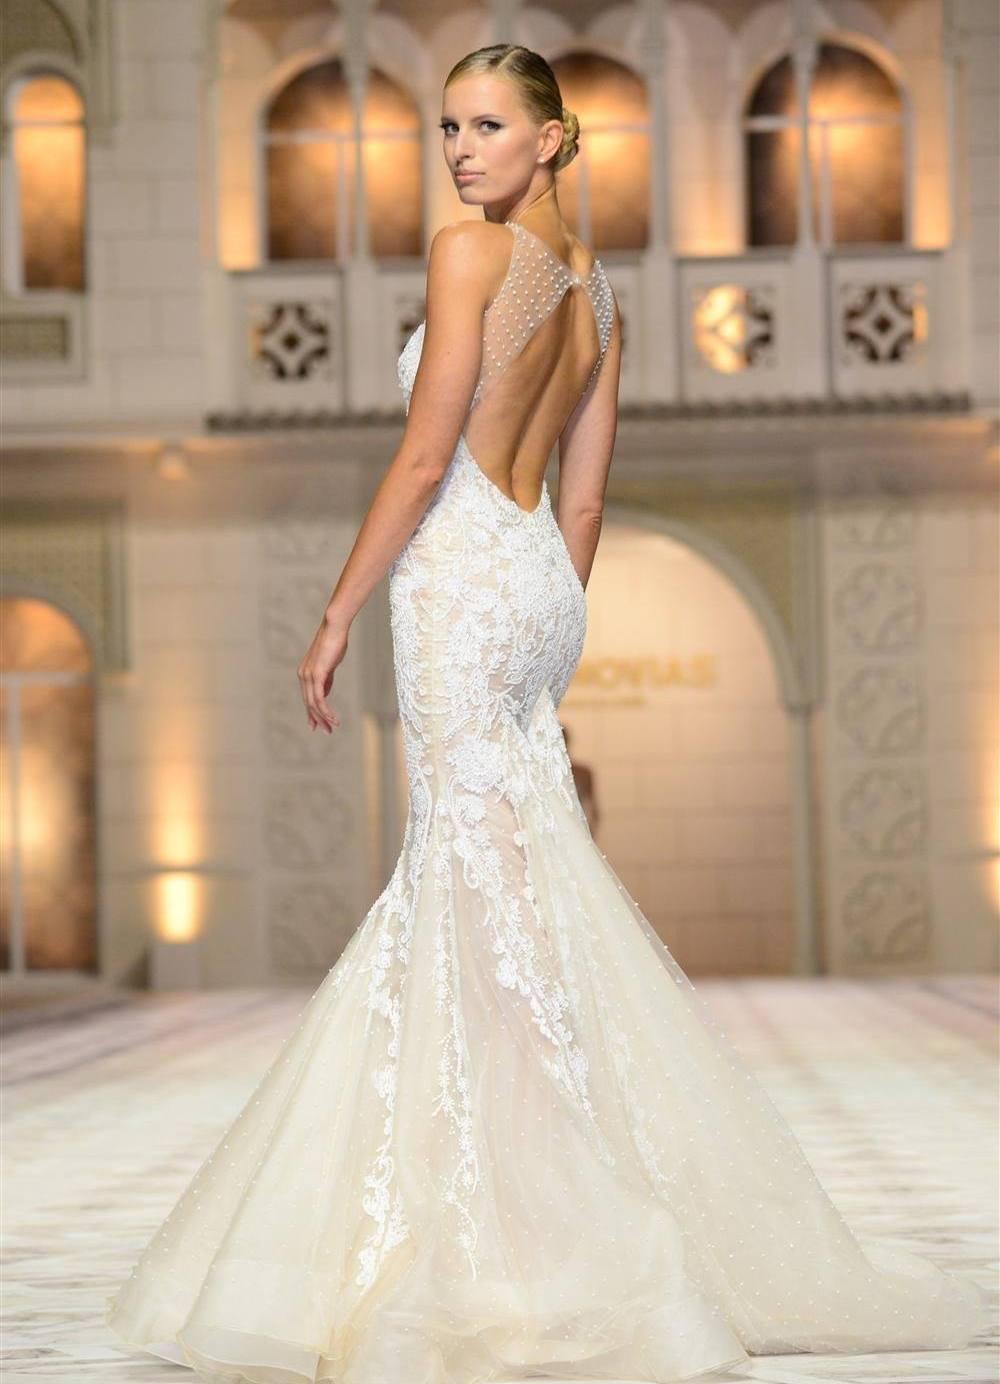 Признанная всем миром компания по производству самых необычных платьев для этого особенного торжества. Вера Вонг